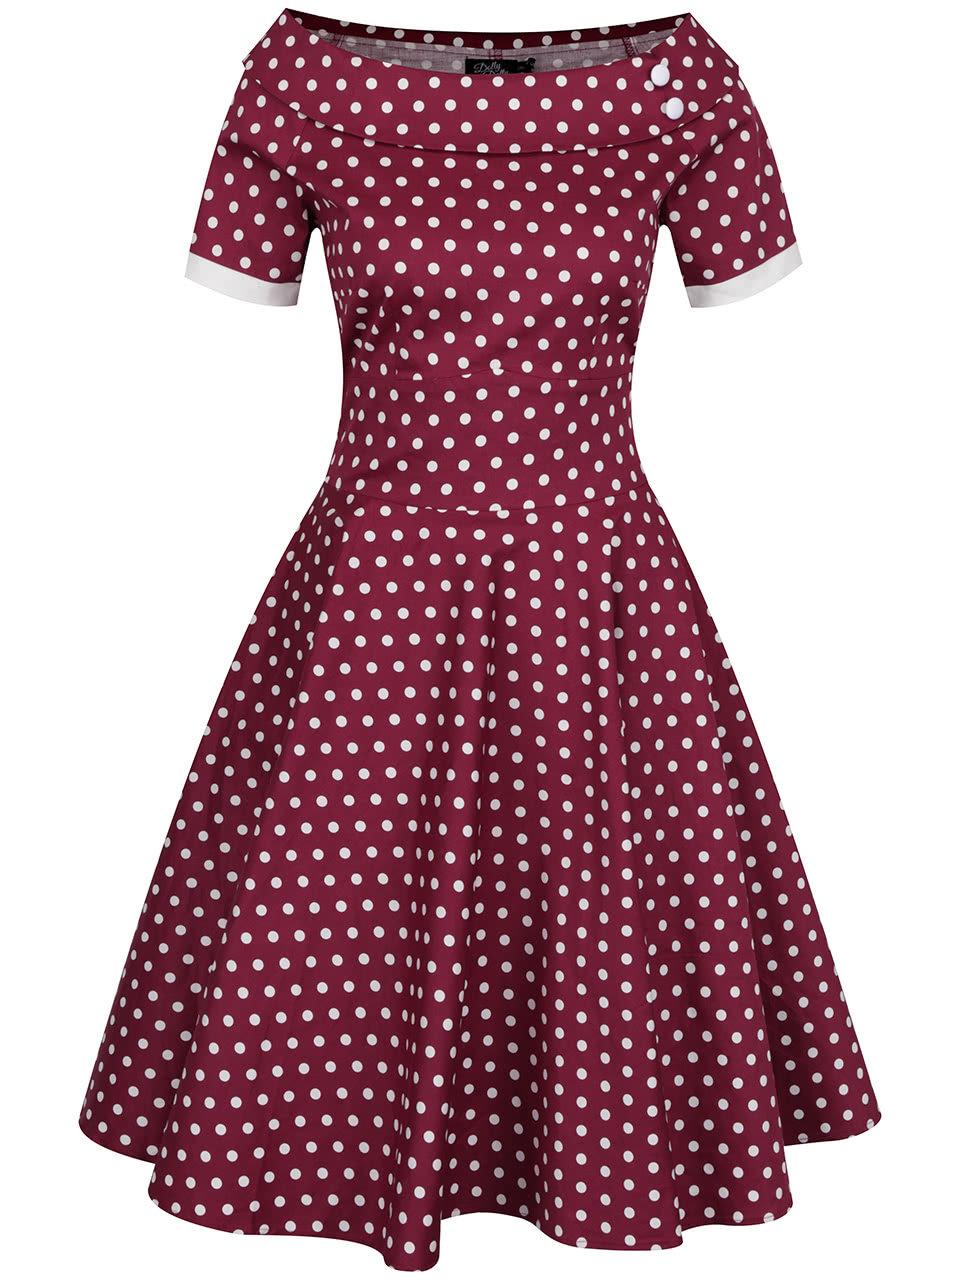 8d724080dc39 Fialové bodkované šaty Dolly   Dotty ...